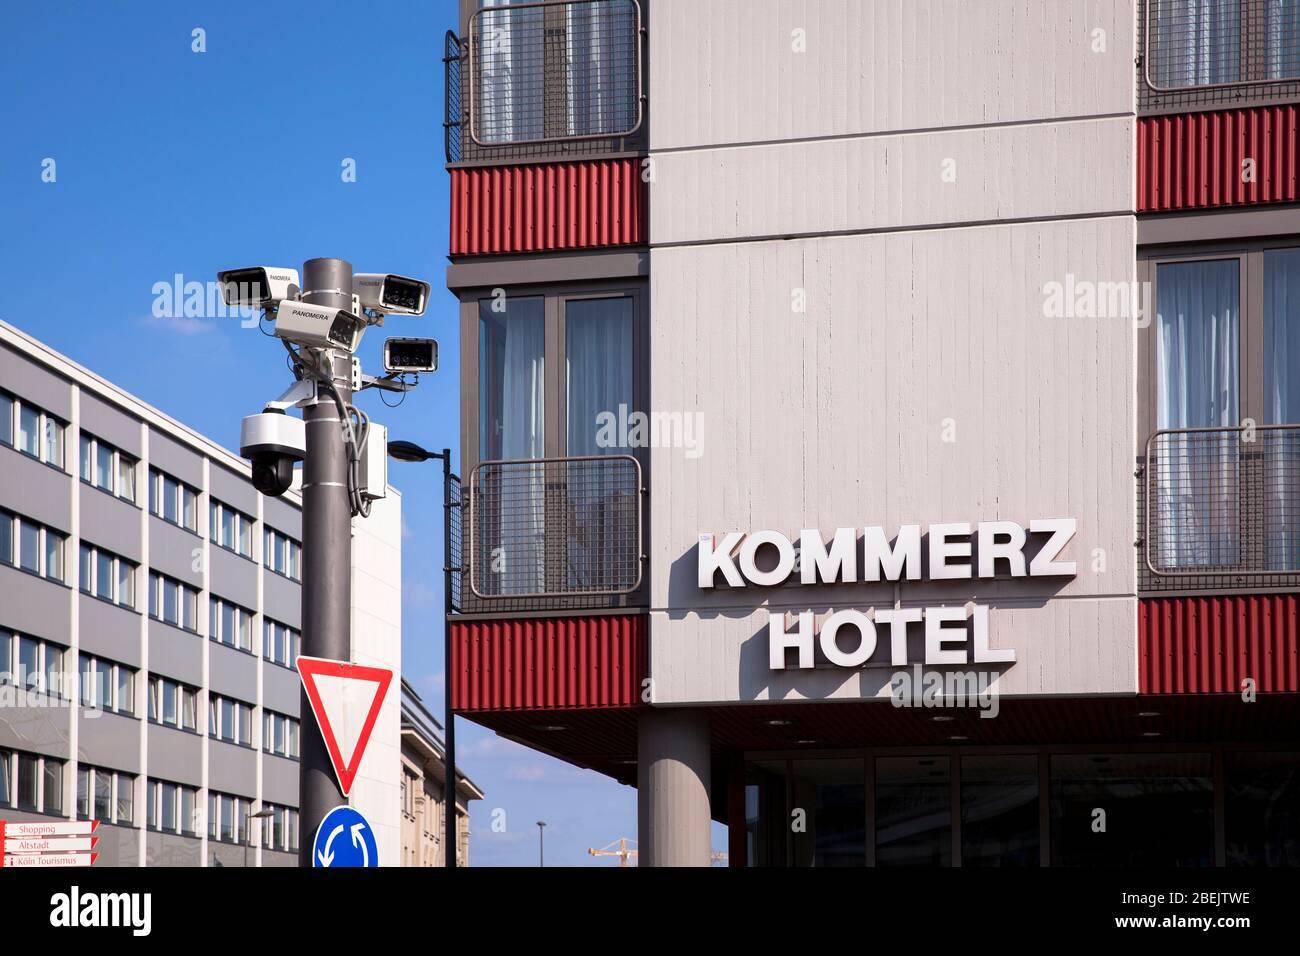 surveillance cameras on the square Breslauer Platz in front of the main station, Cologne, Germany.  Ueberwachungskameras am Breslauer Platz vor dem Ha Stock Photo